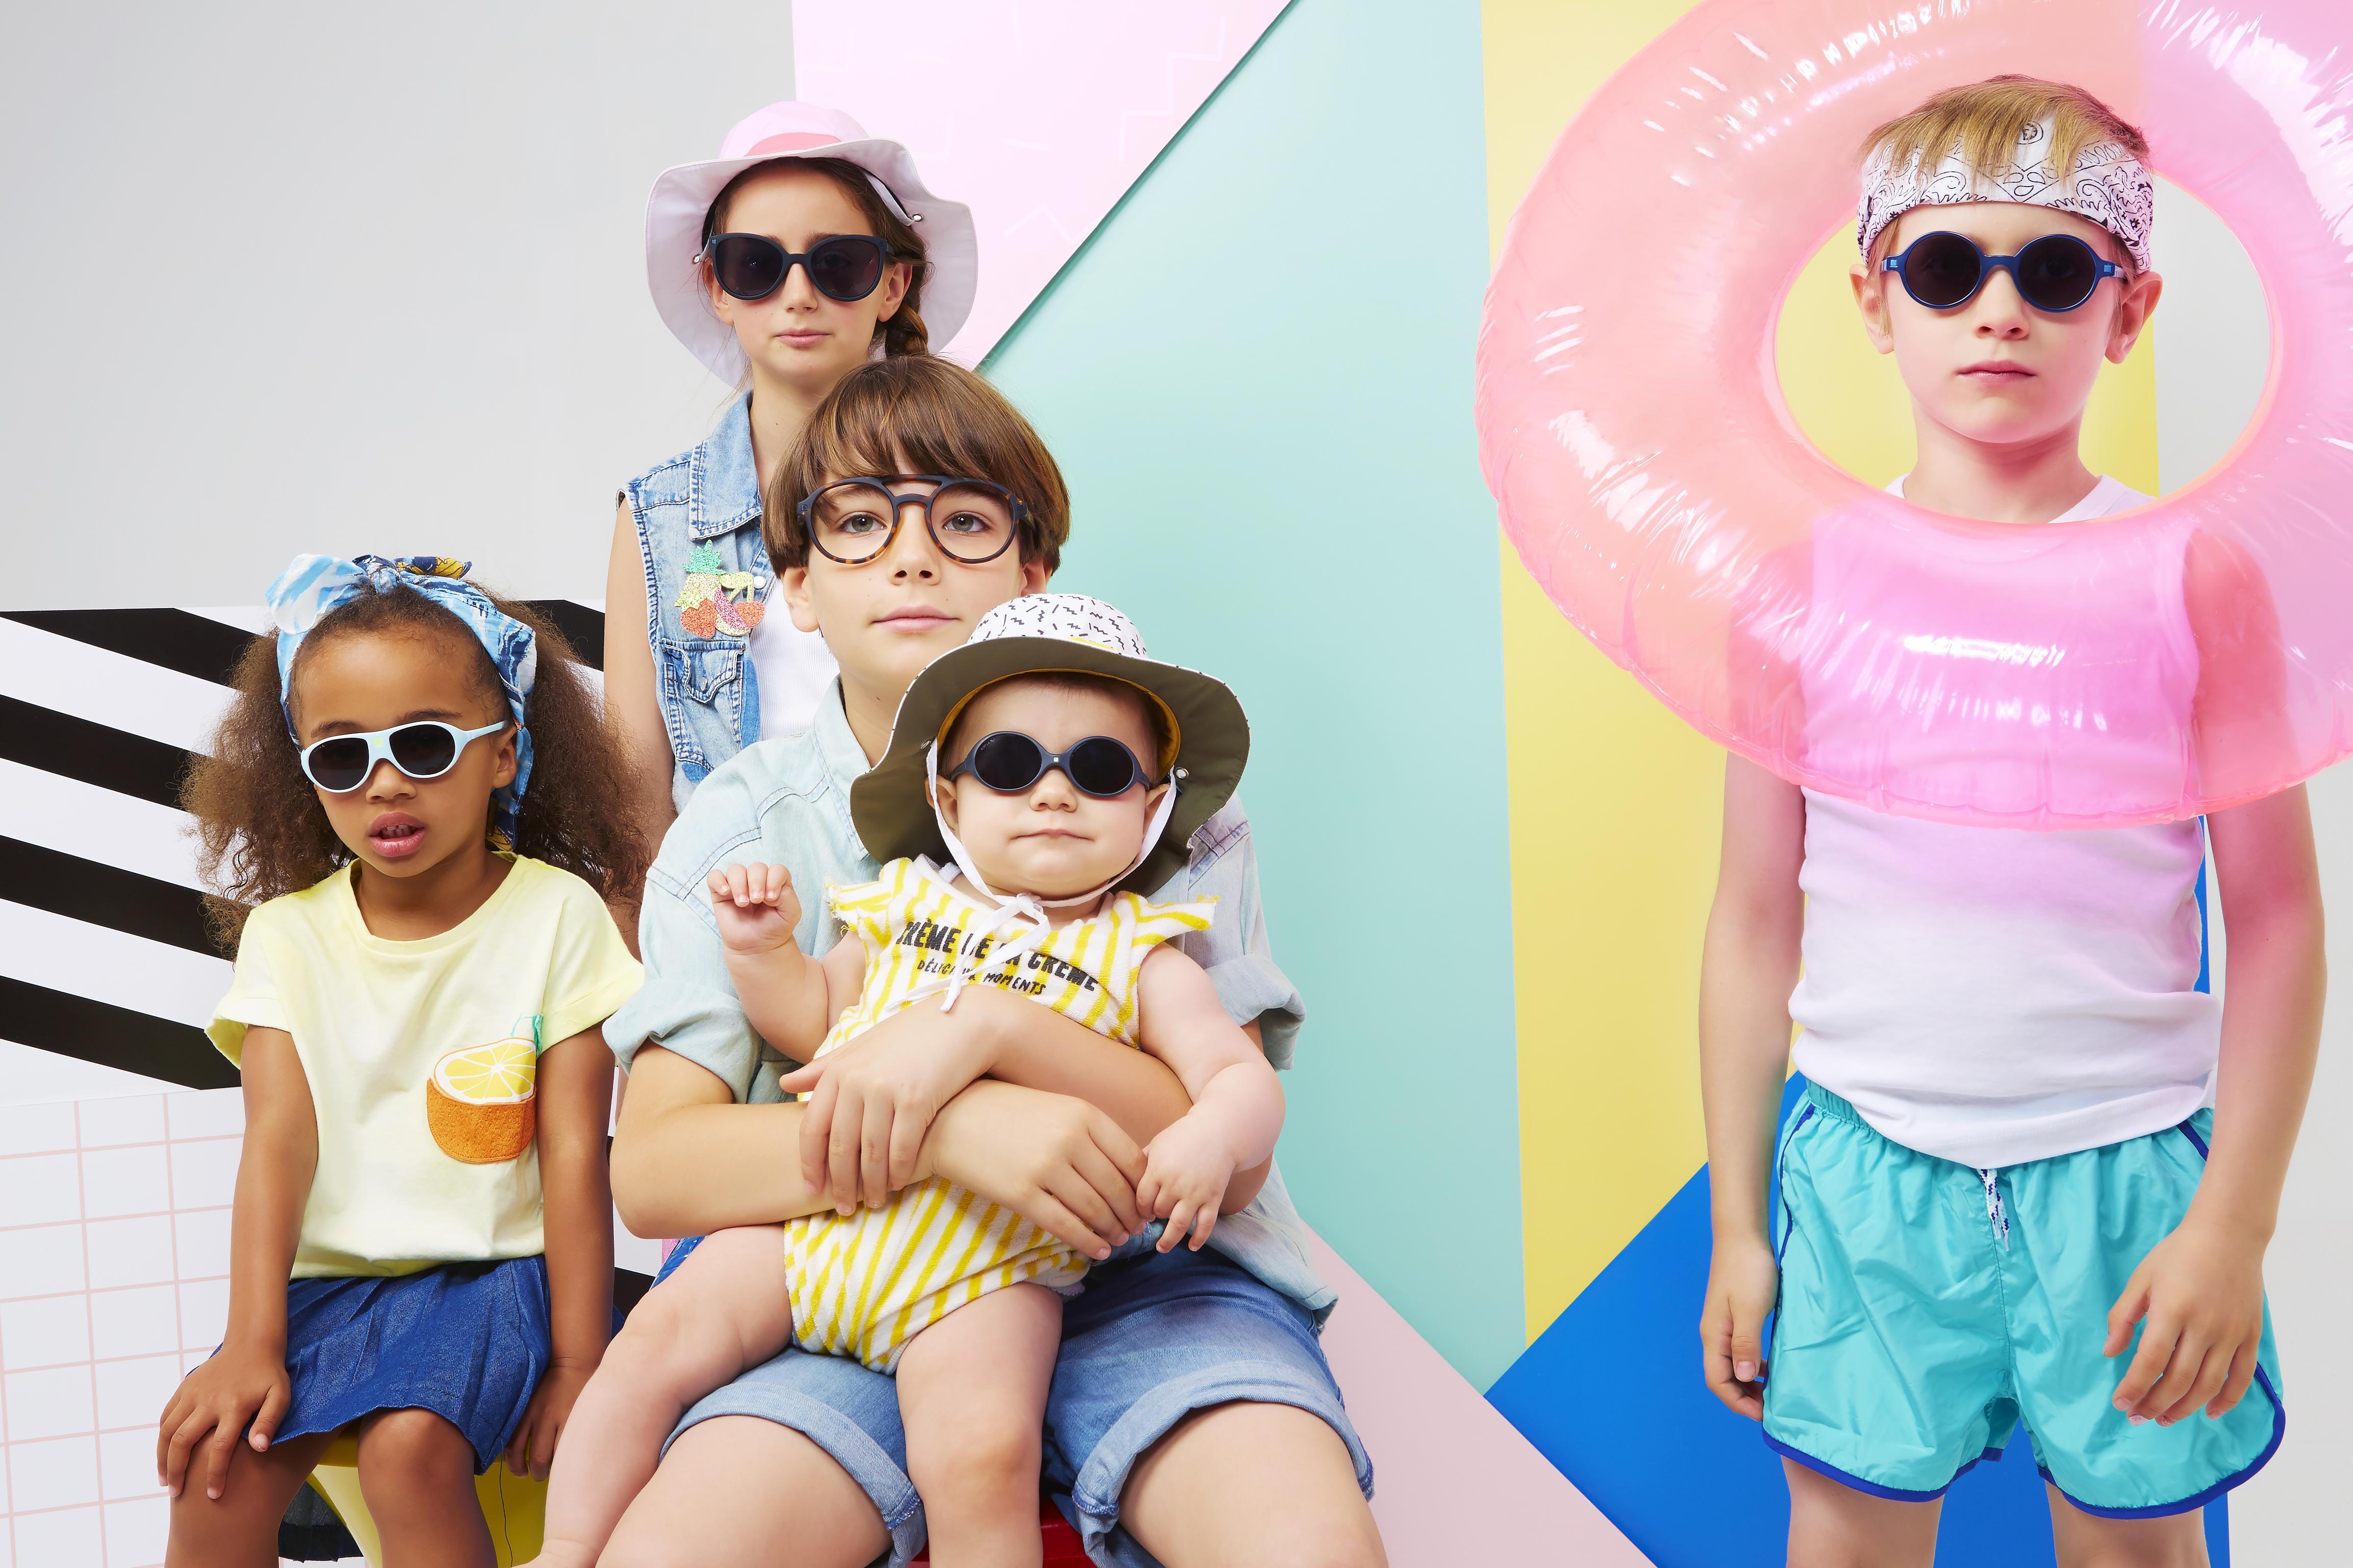 94cfadbb181716 PERSBERICHT - Bescherm je ogen met de stijlvolle en vindingrijke  kinderzonnebrillen van Ki ET LA - Persbureau Pers-Wereld – persberichten  voor webwinkels